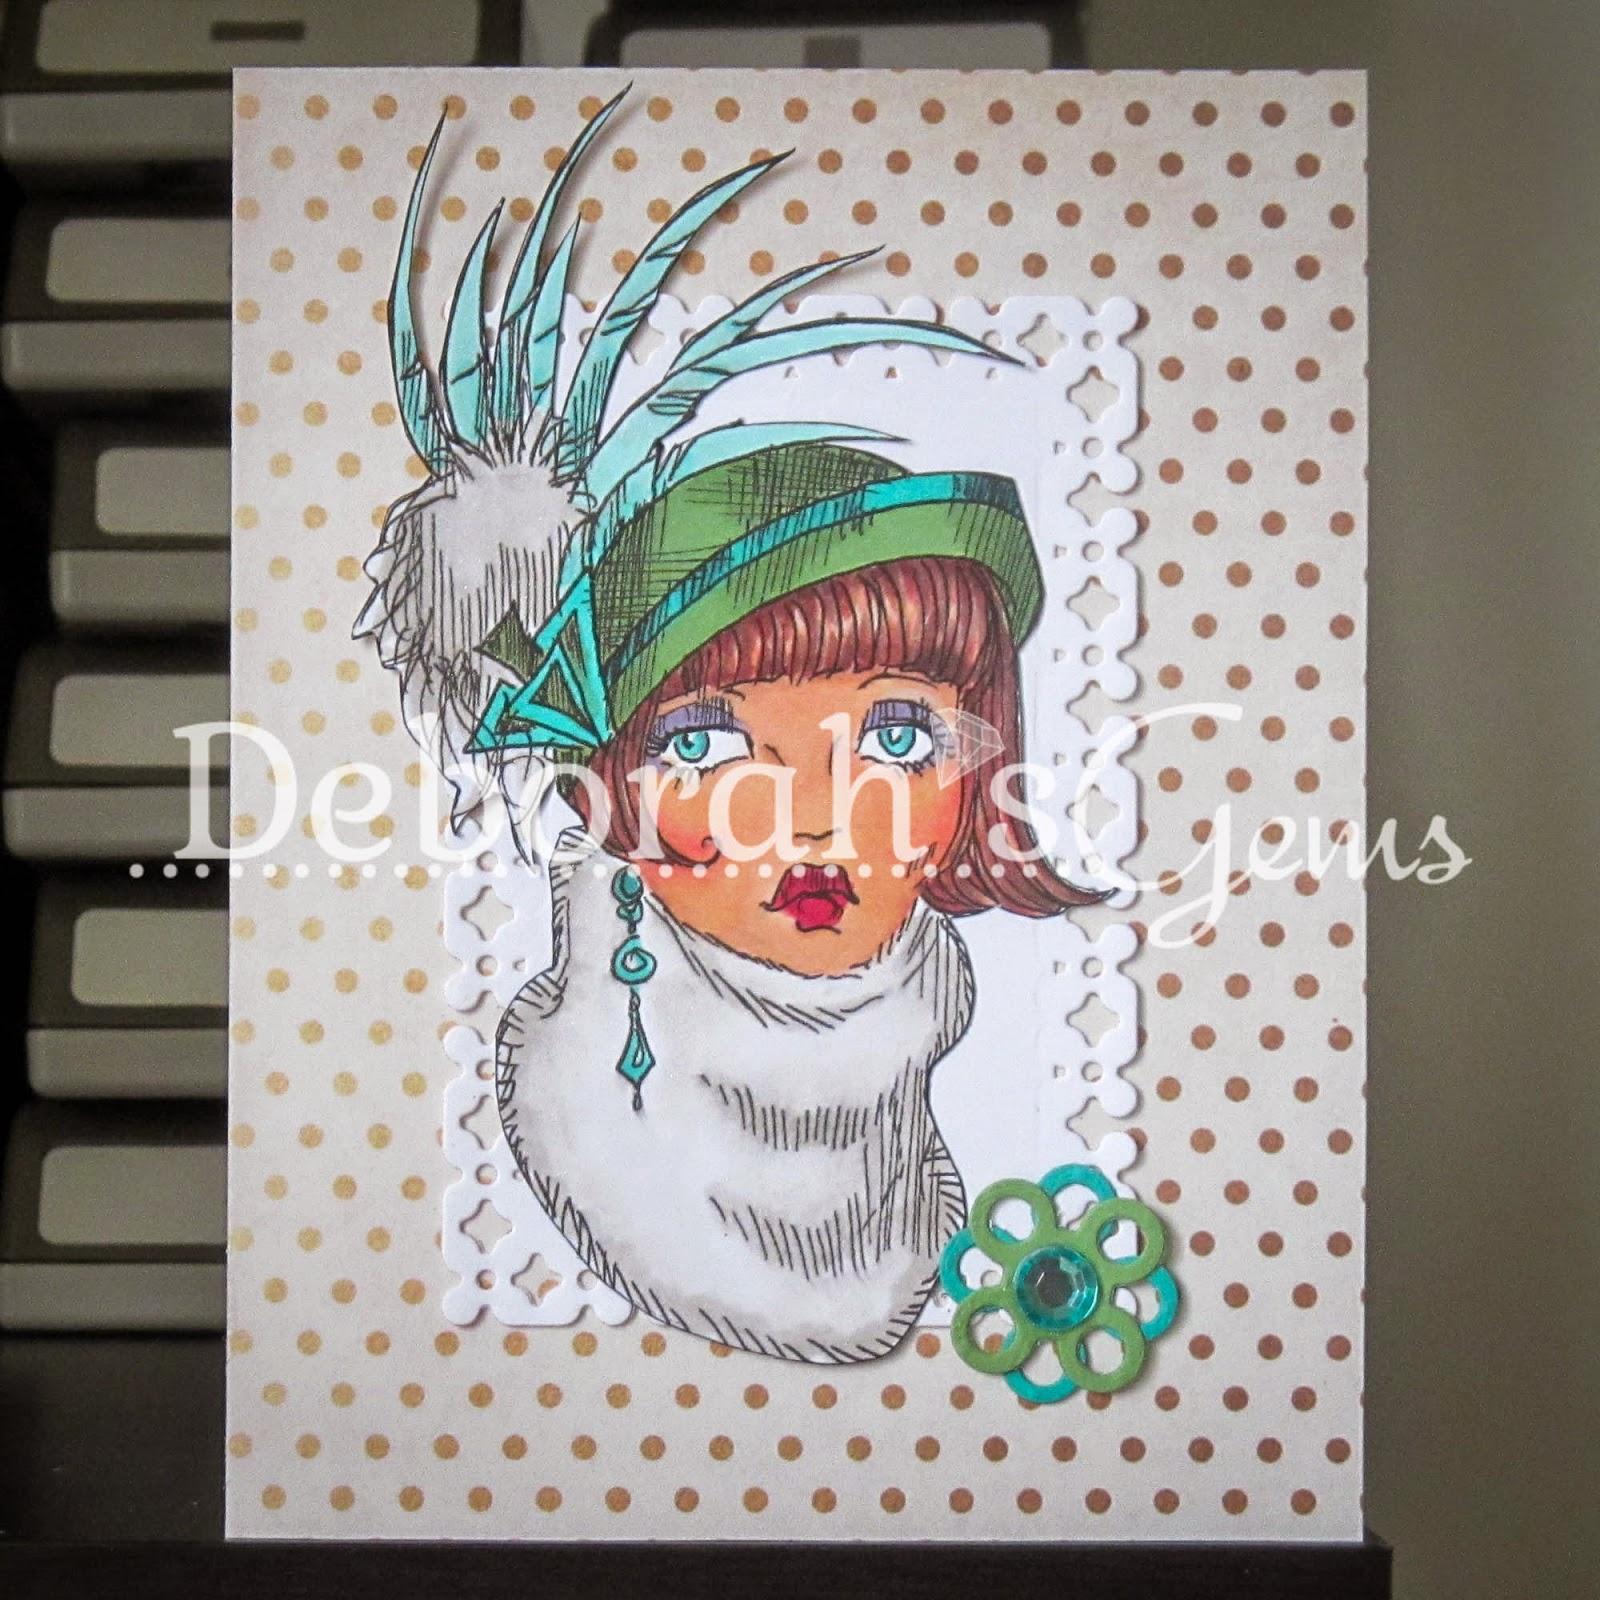 Billie Hat Lady sq - photo by Deborah Frings - Deborah's Gems